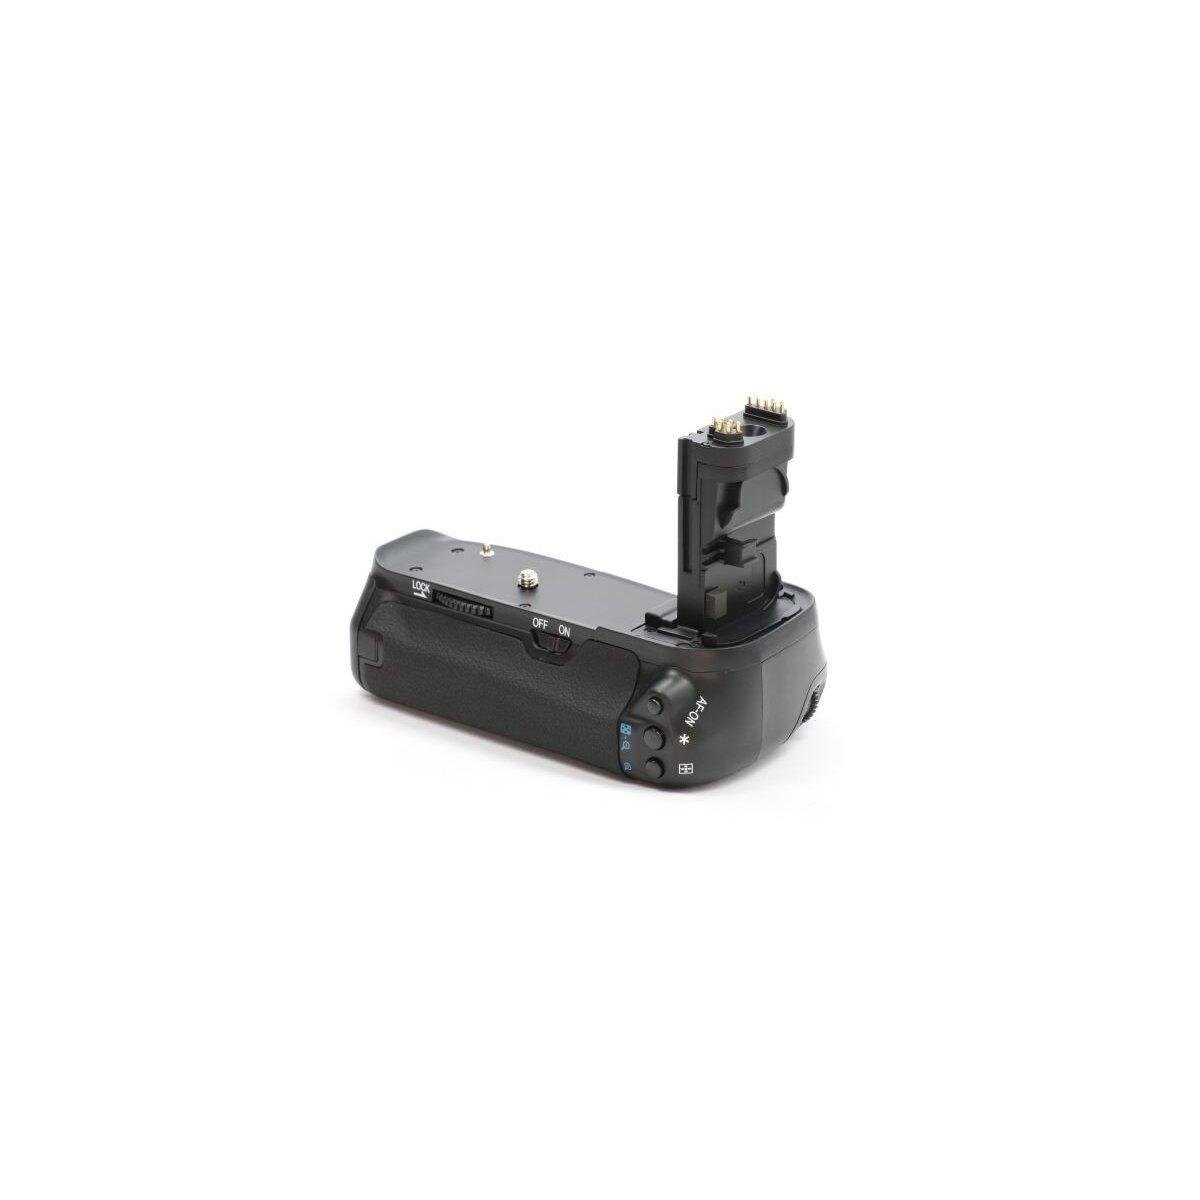 Profi Batteriegriff kompatibel mit Canon EOS 60D Ersatz für BG-E9 - für LP-E6 und 6 AA Batterien